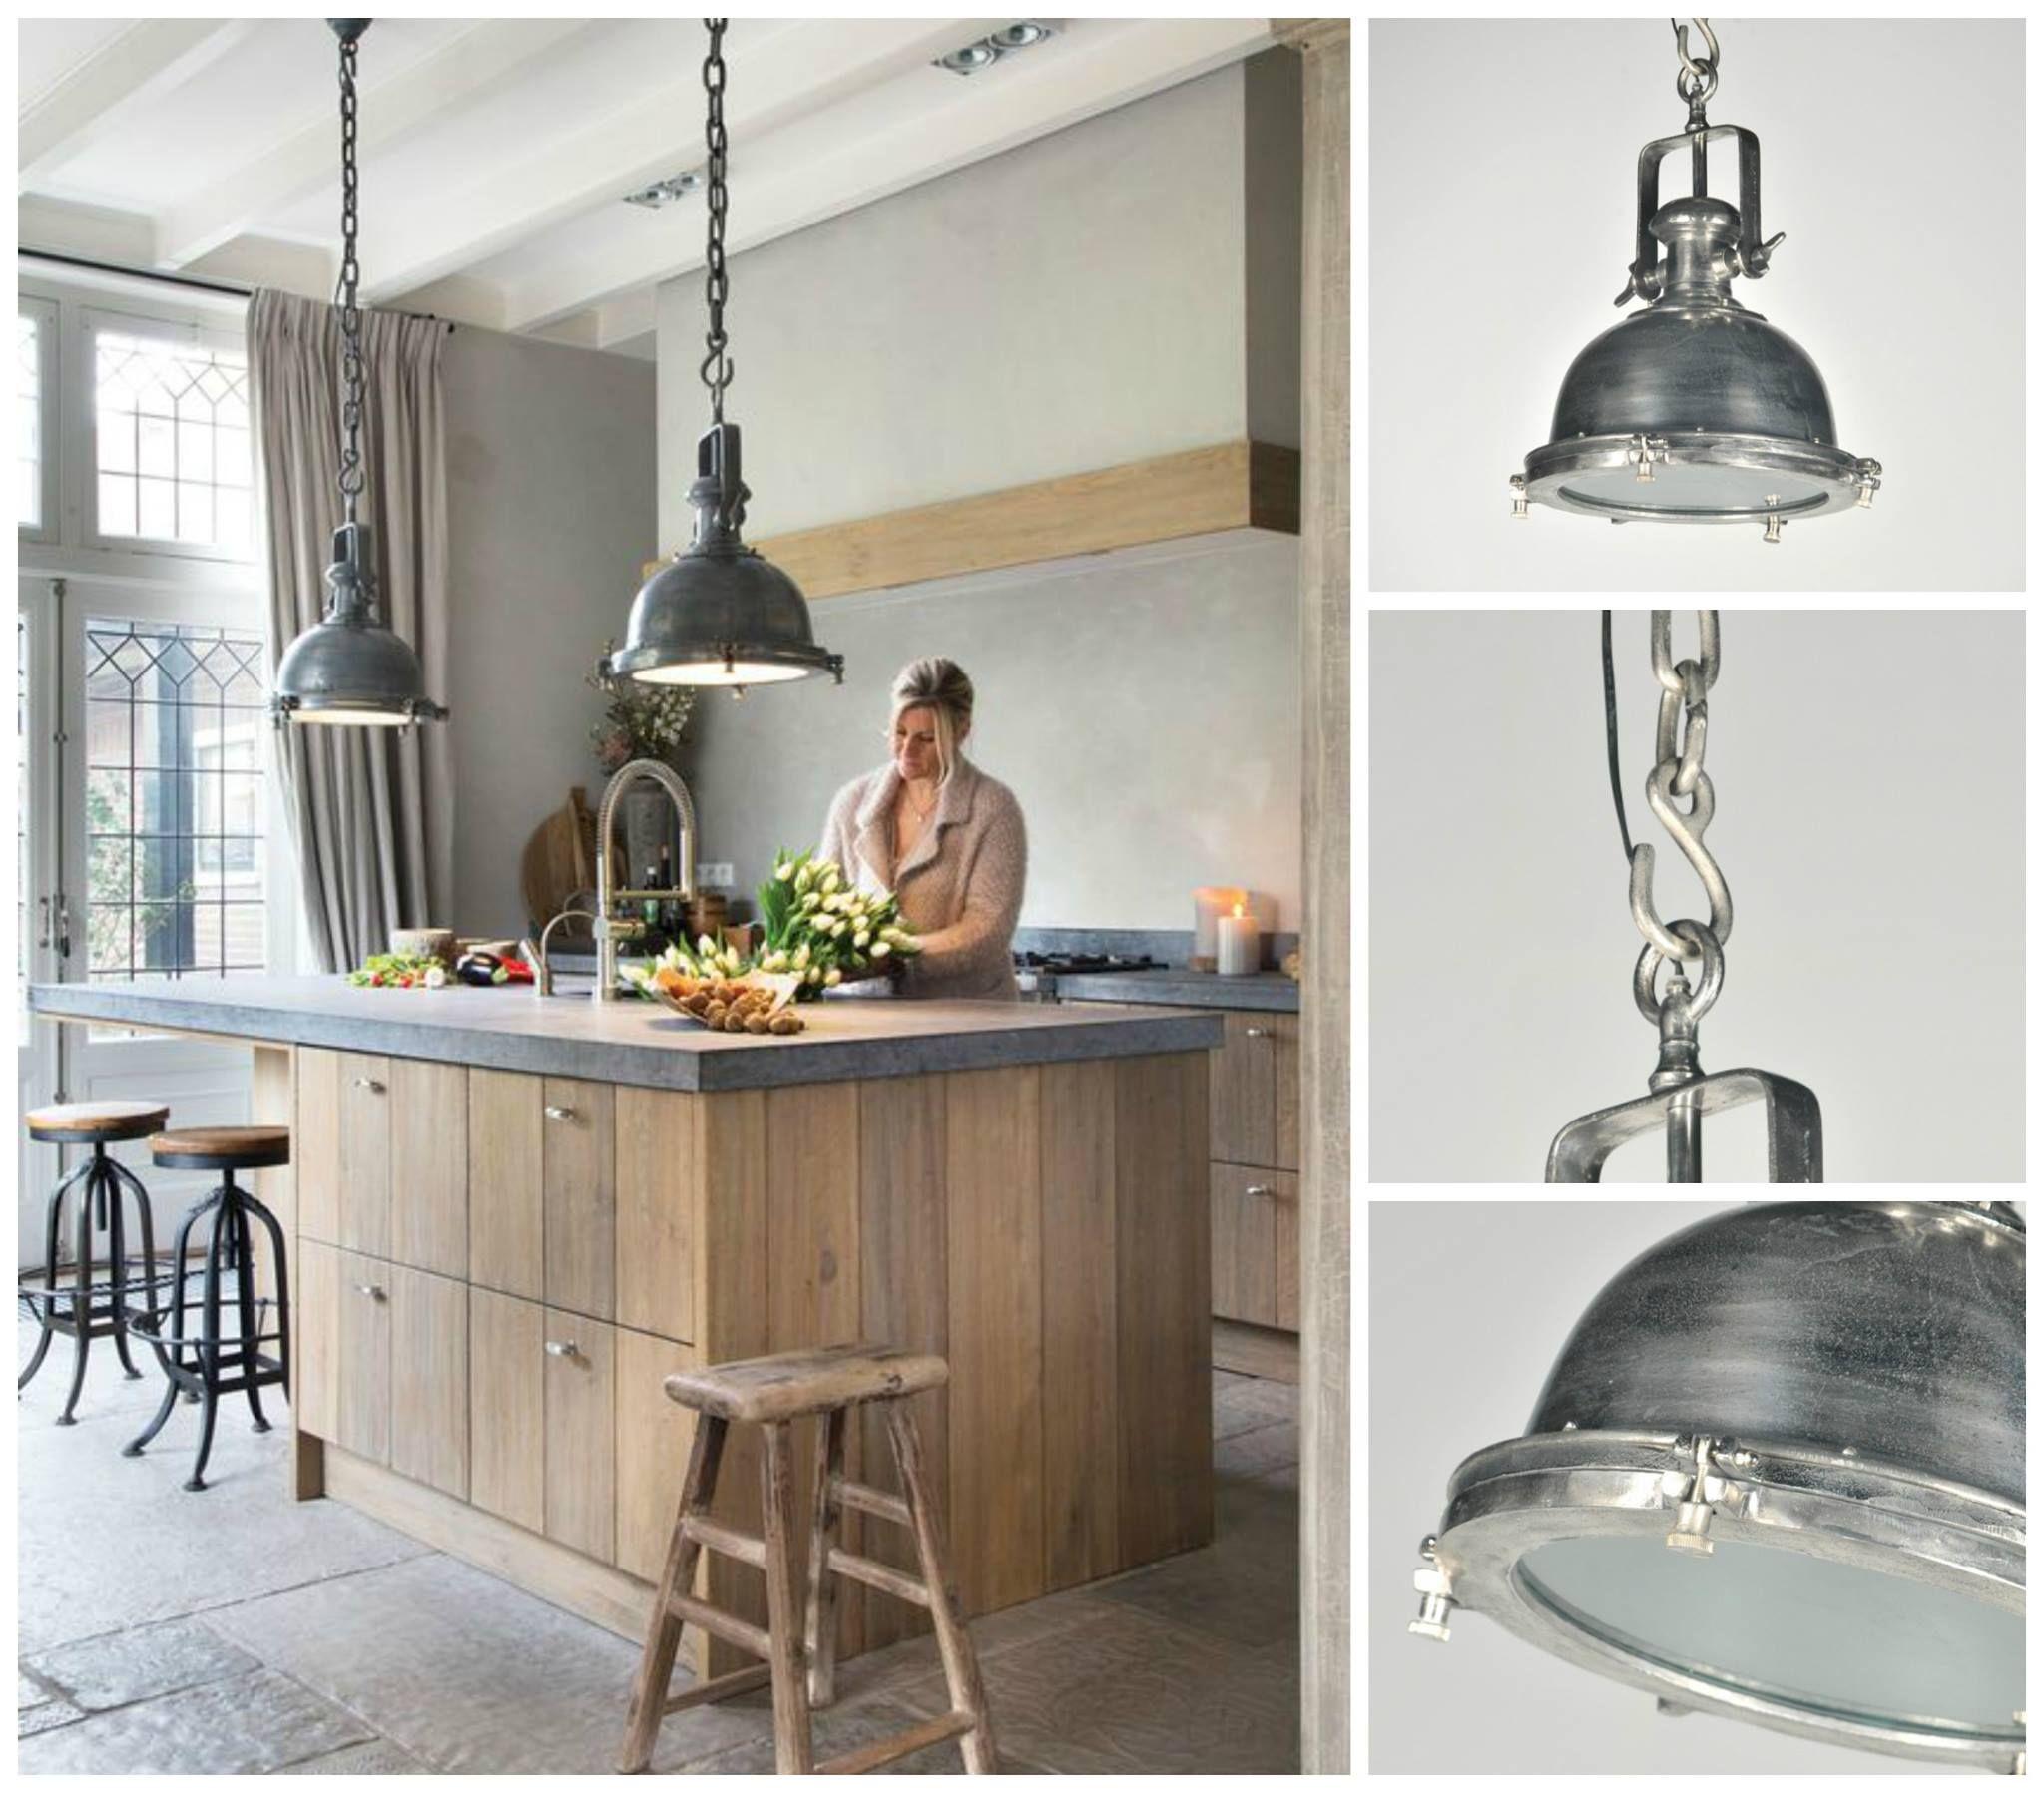 Onze hanglamp artikel 86924 staat prachtig boven een kookeiland ...